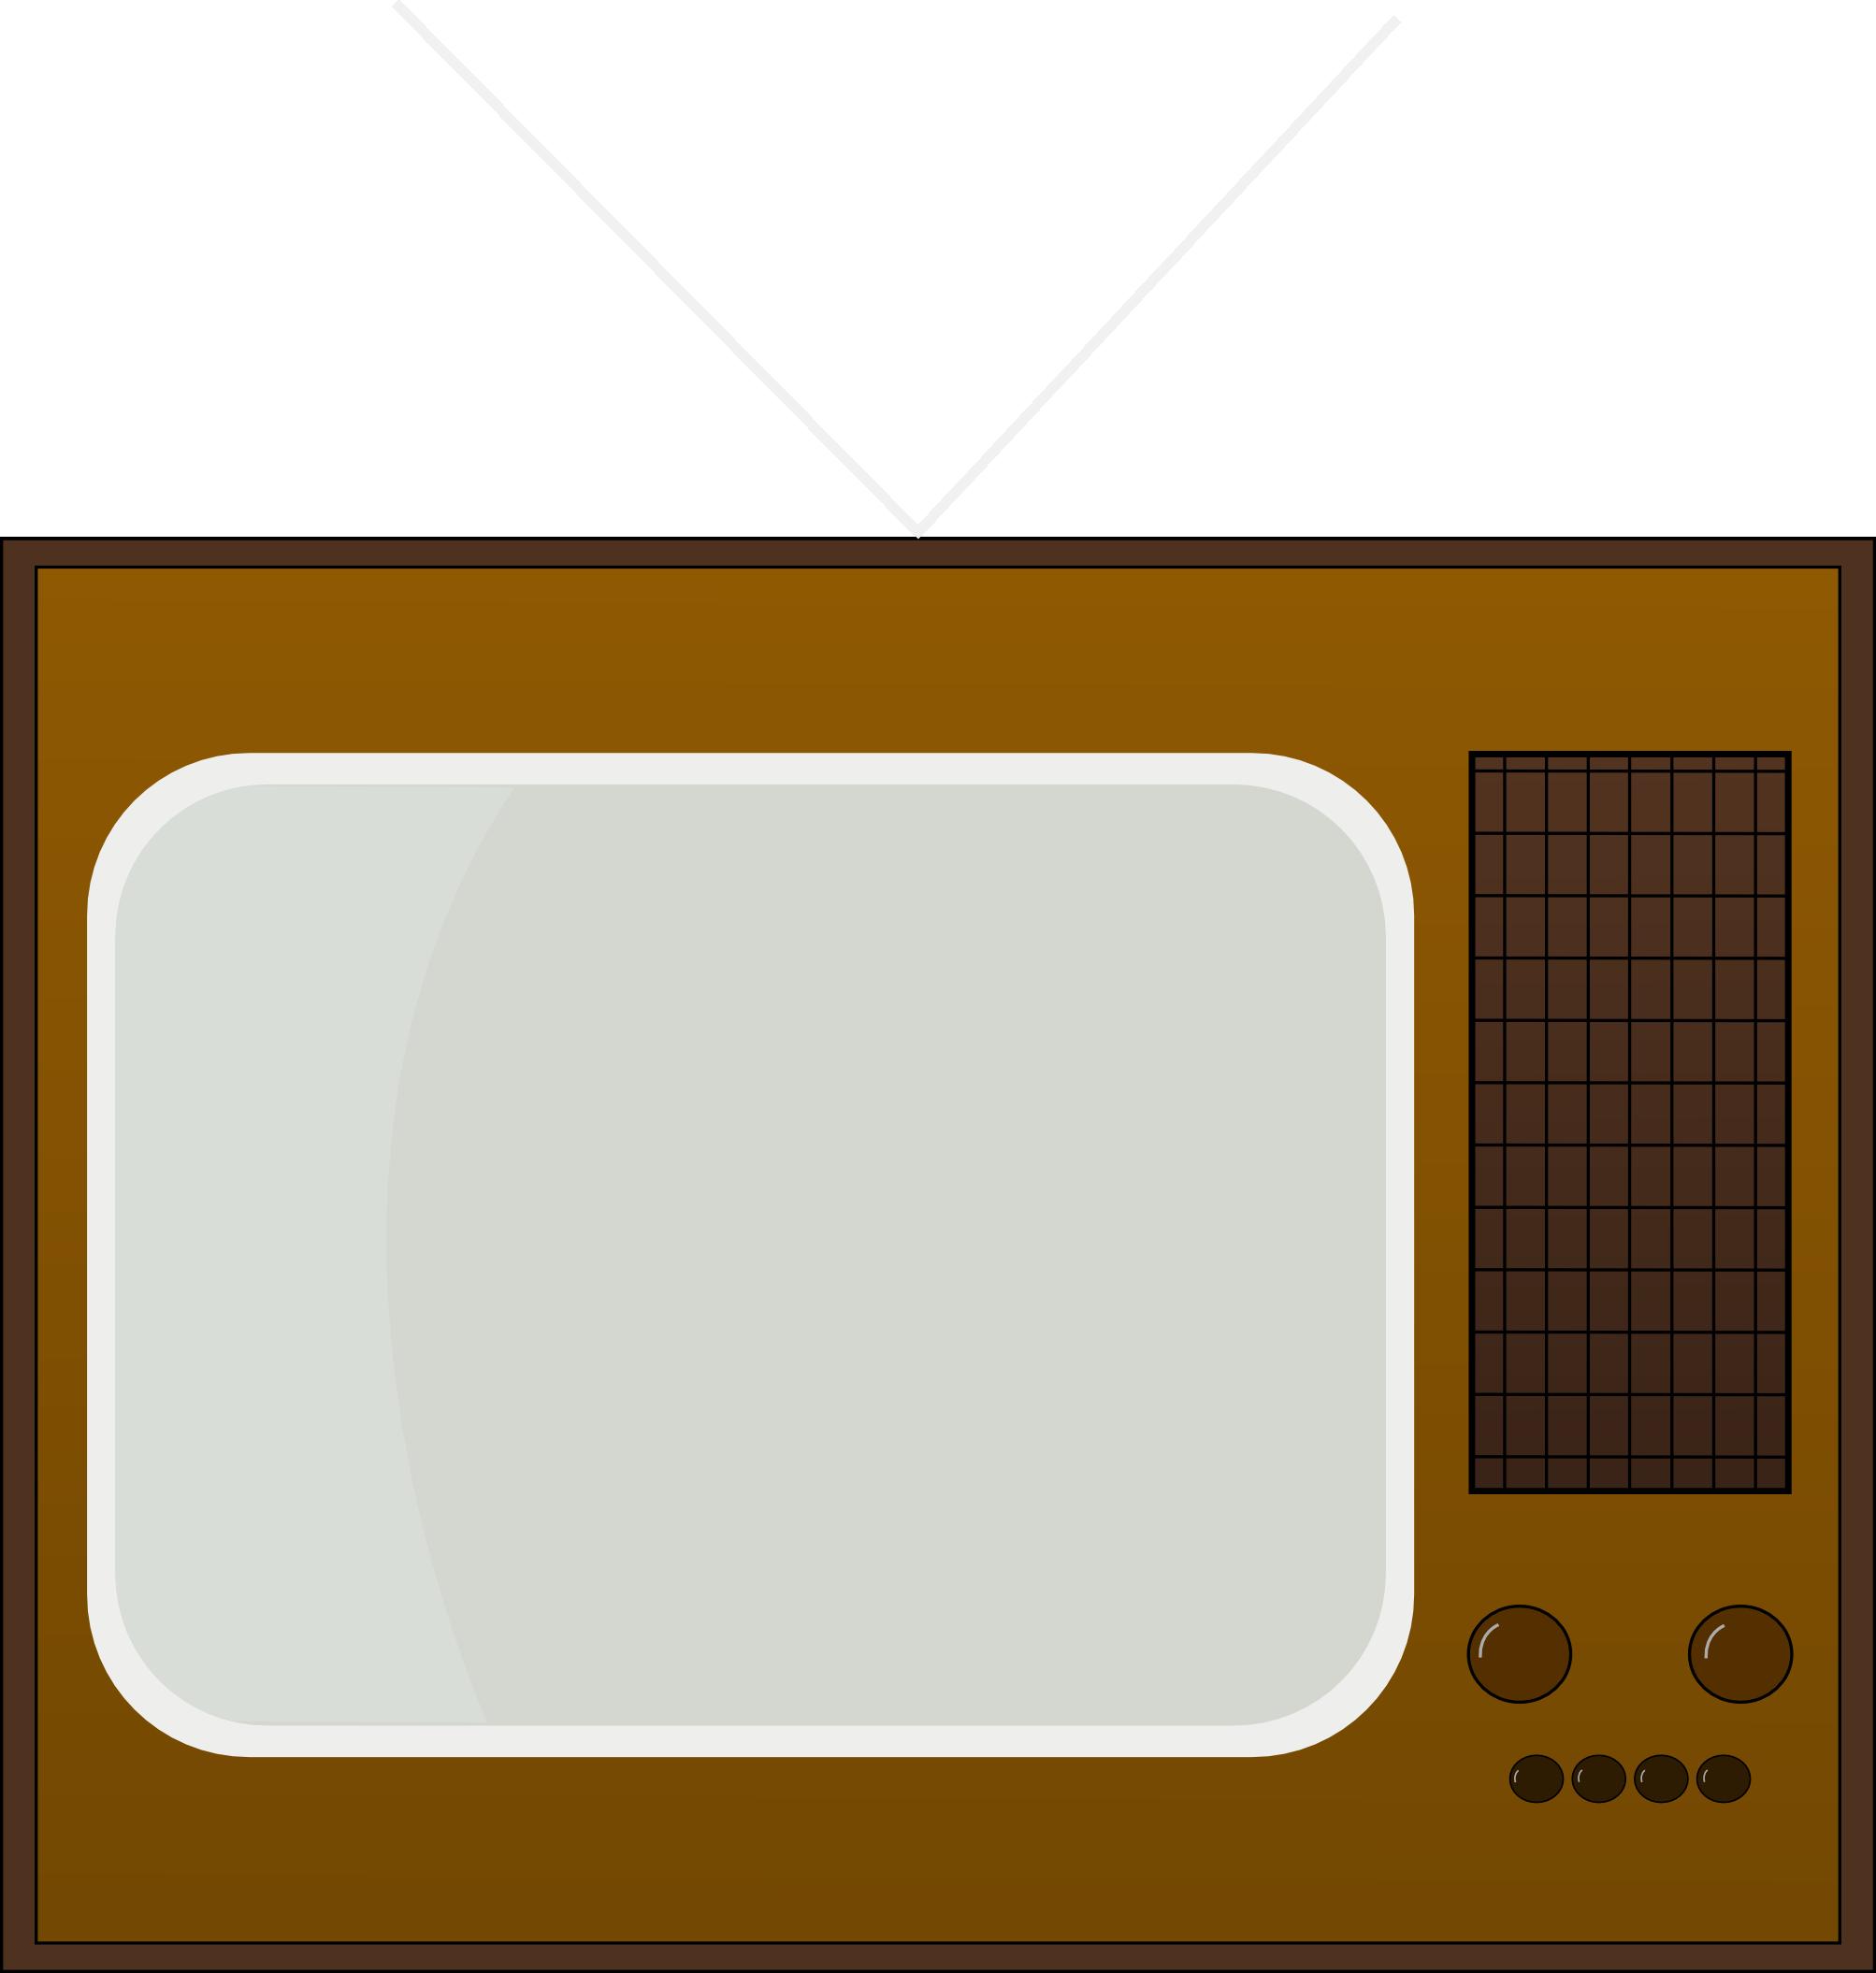 2006x2110 Free Retro Television Clip Art